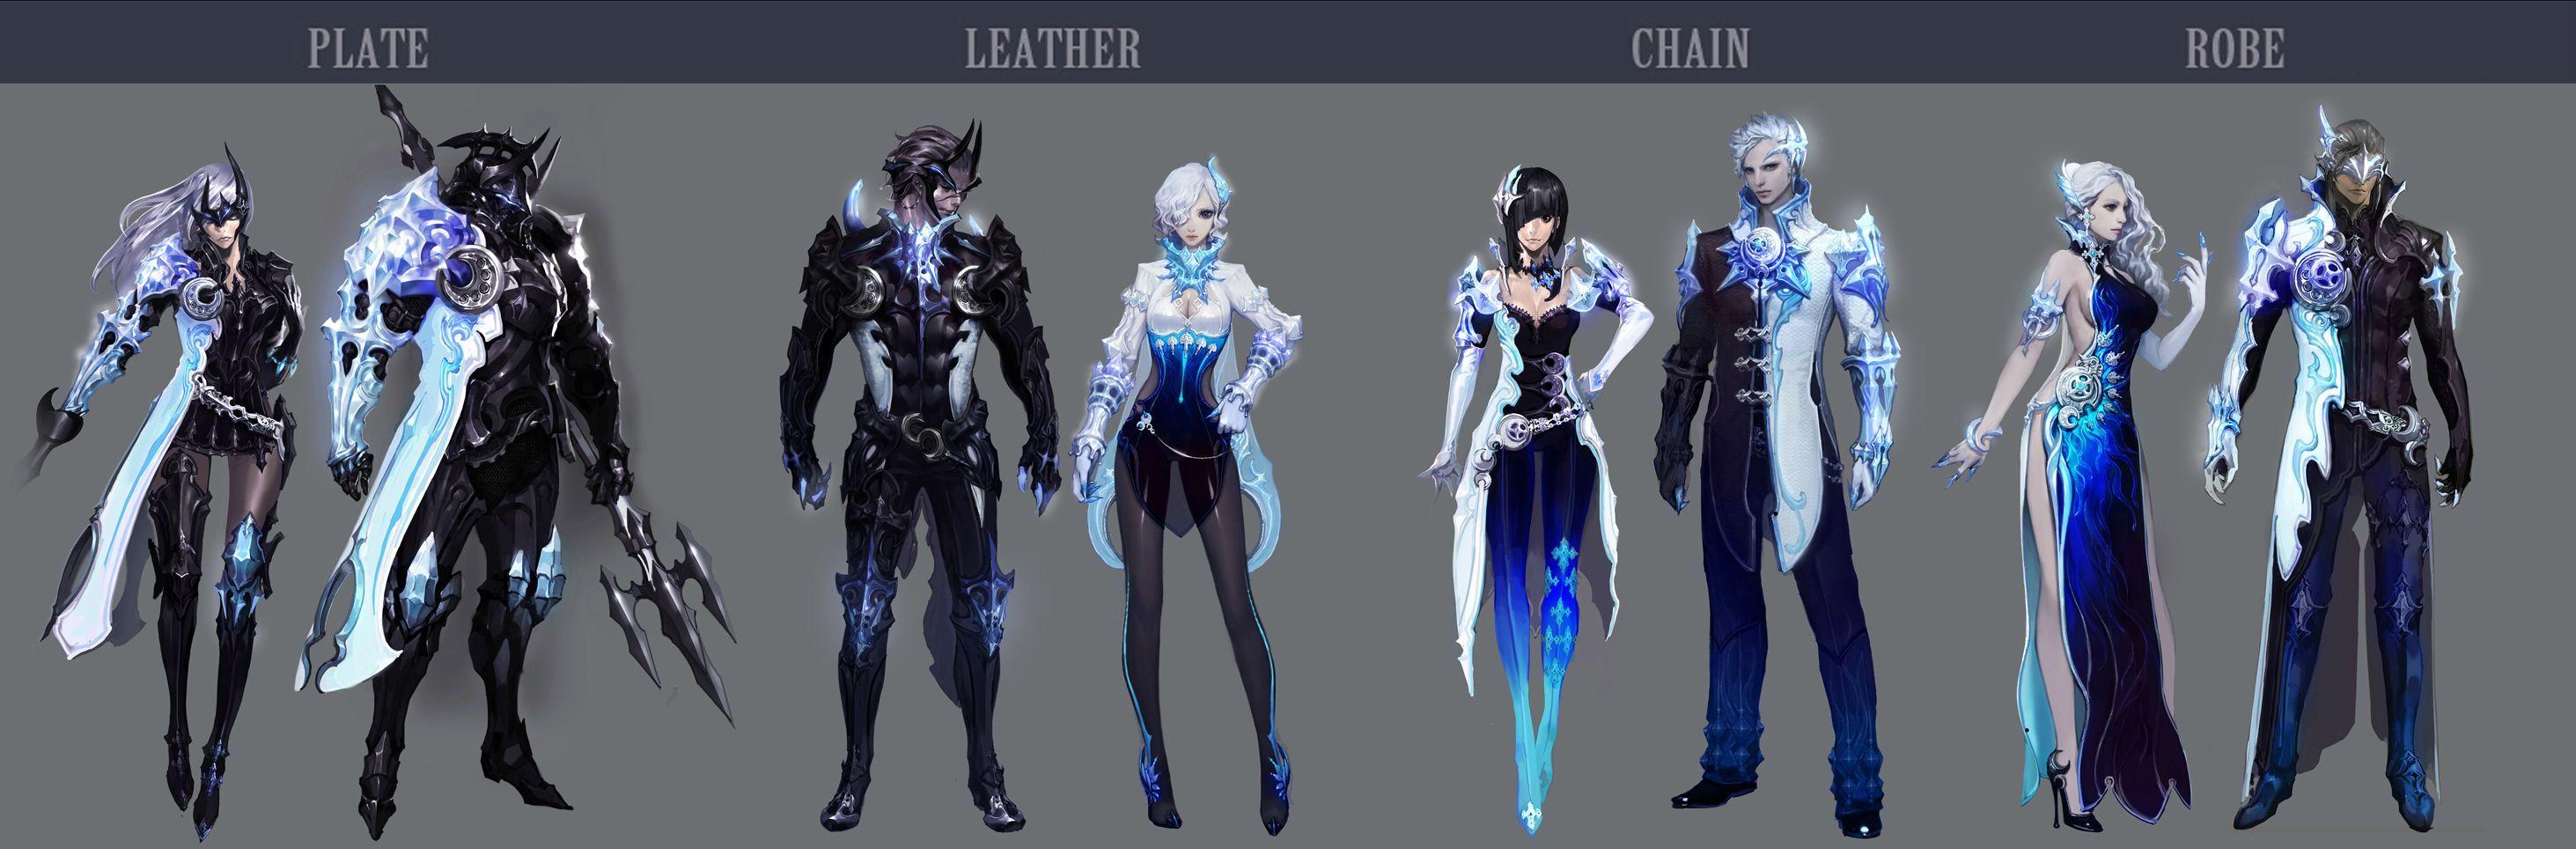 Character Design Set : Aion concept arts of new item sets daeva s report